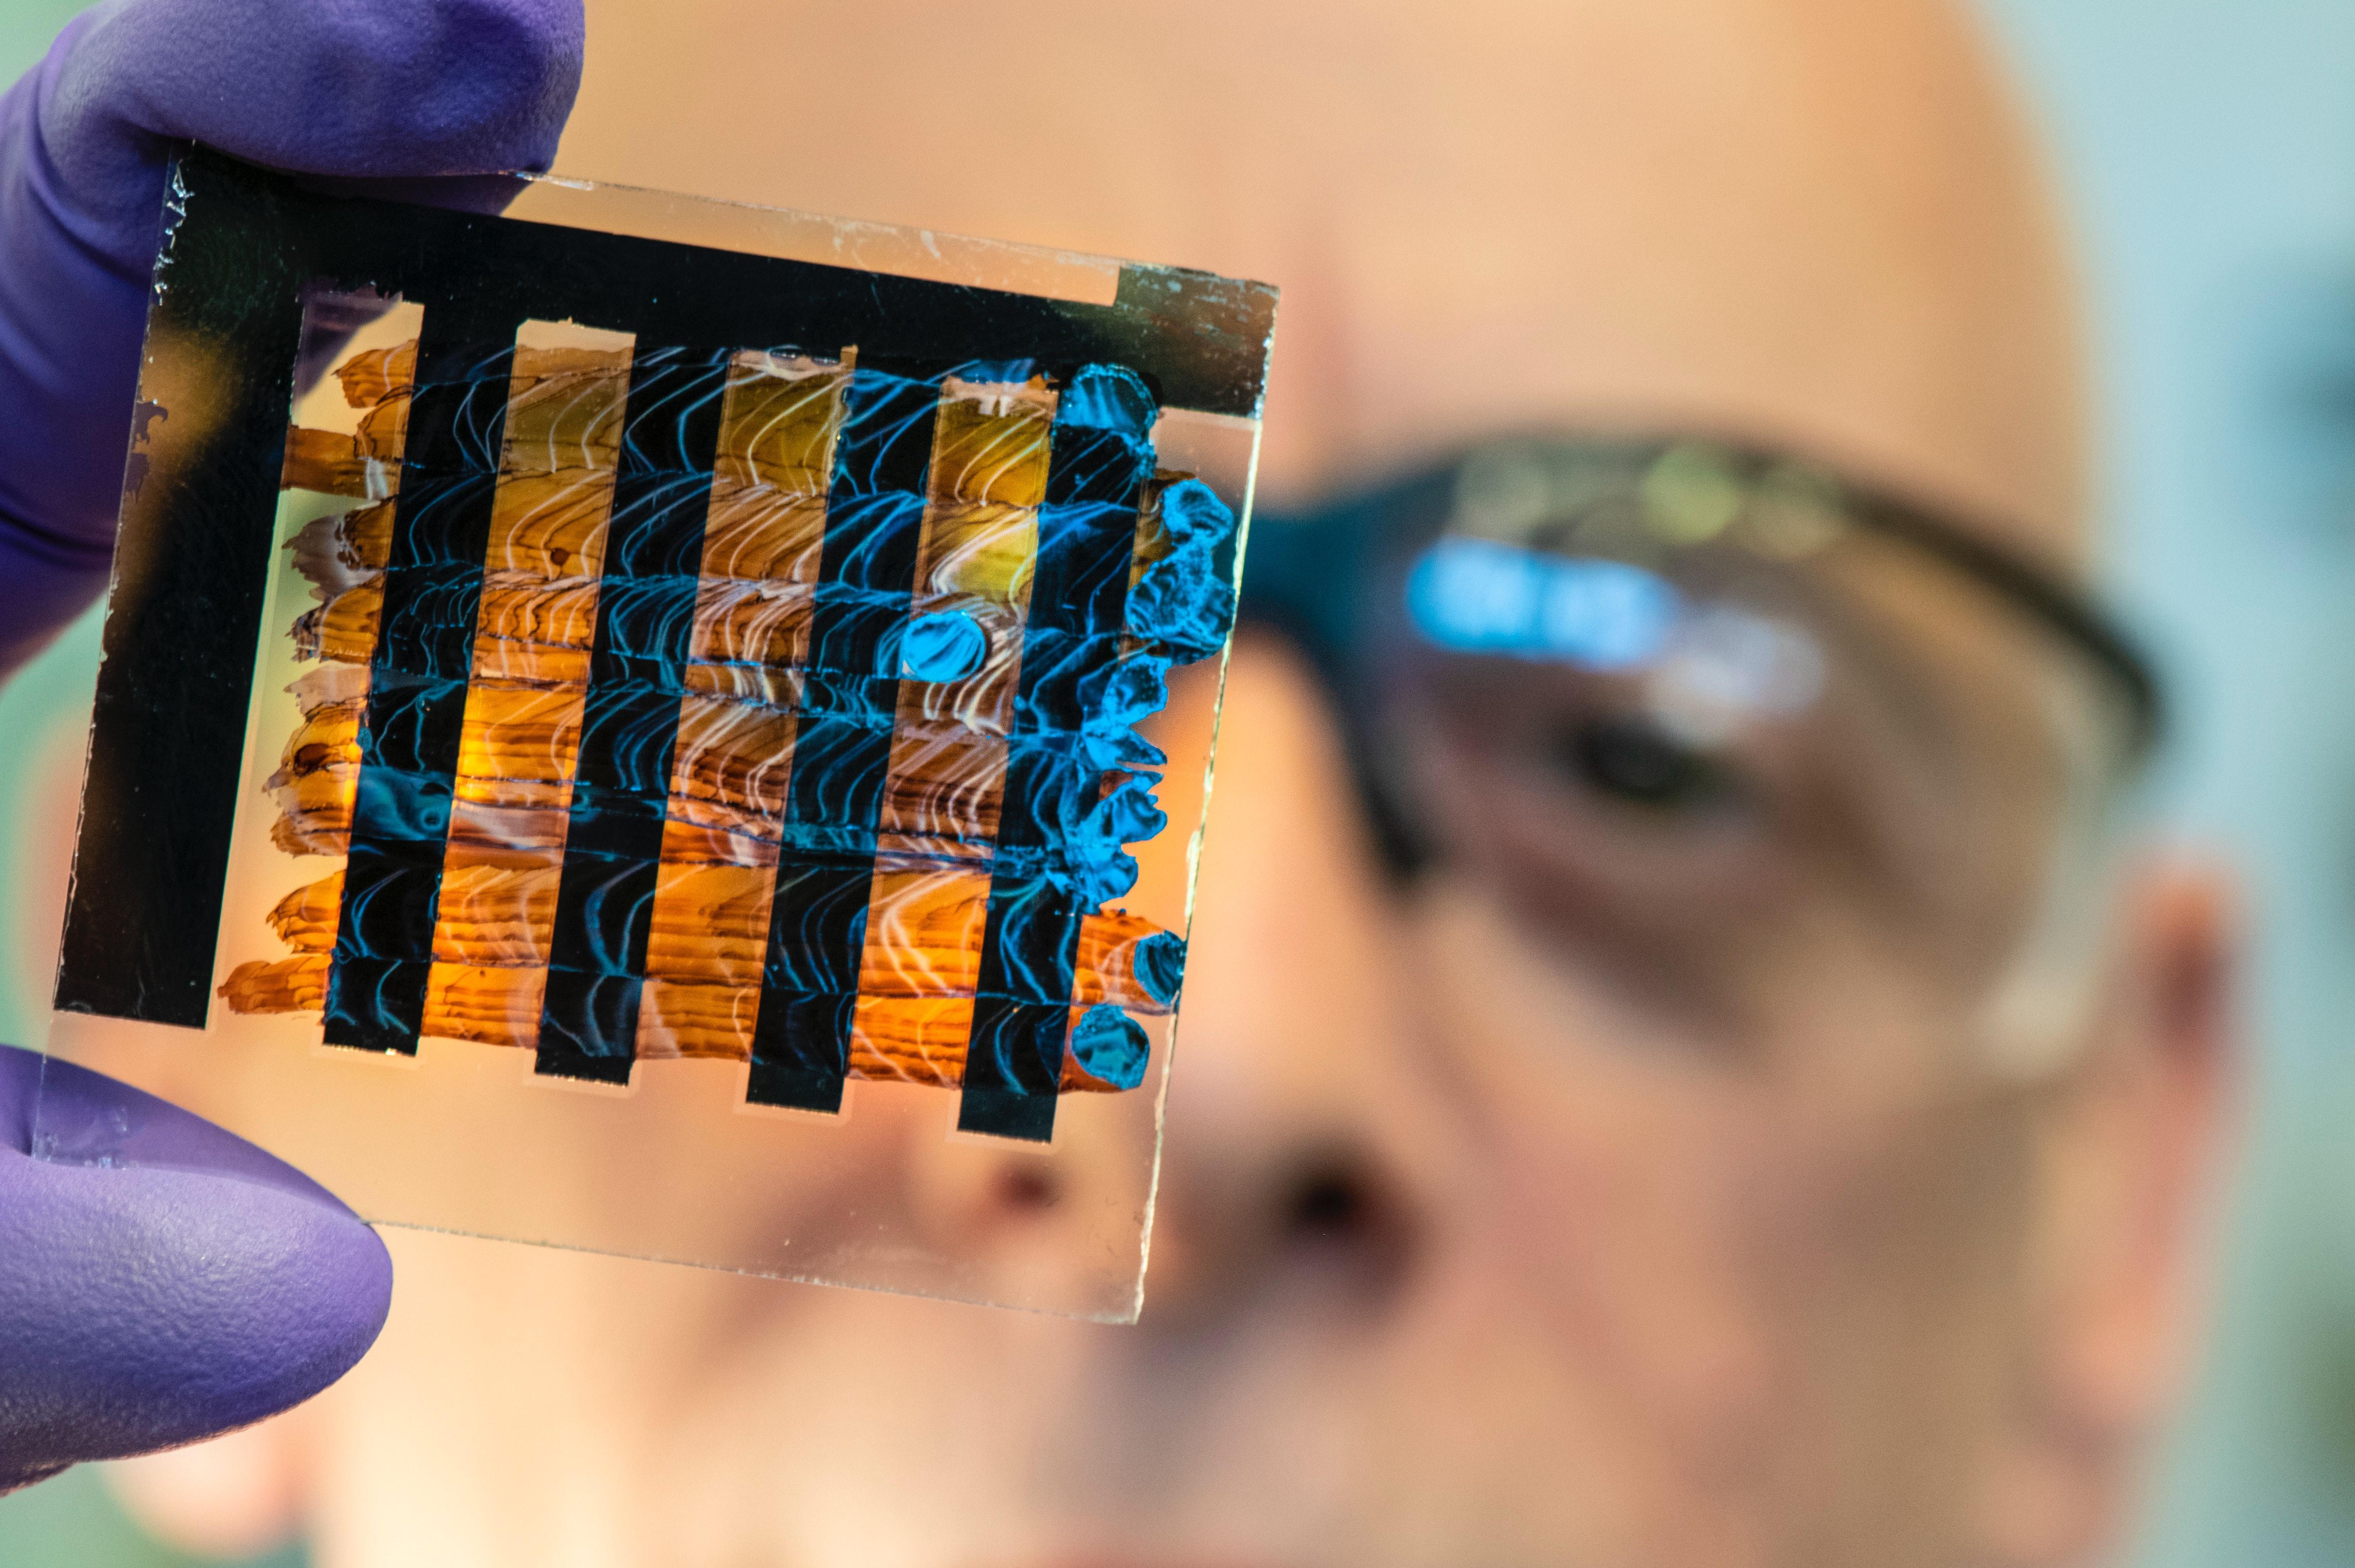 Foto von Mann mit Schutzbrille, der sich eine durchsichtige Glasplatte mit Farbe